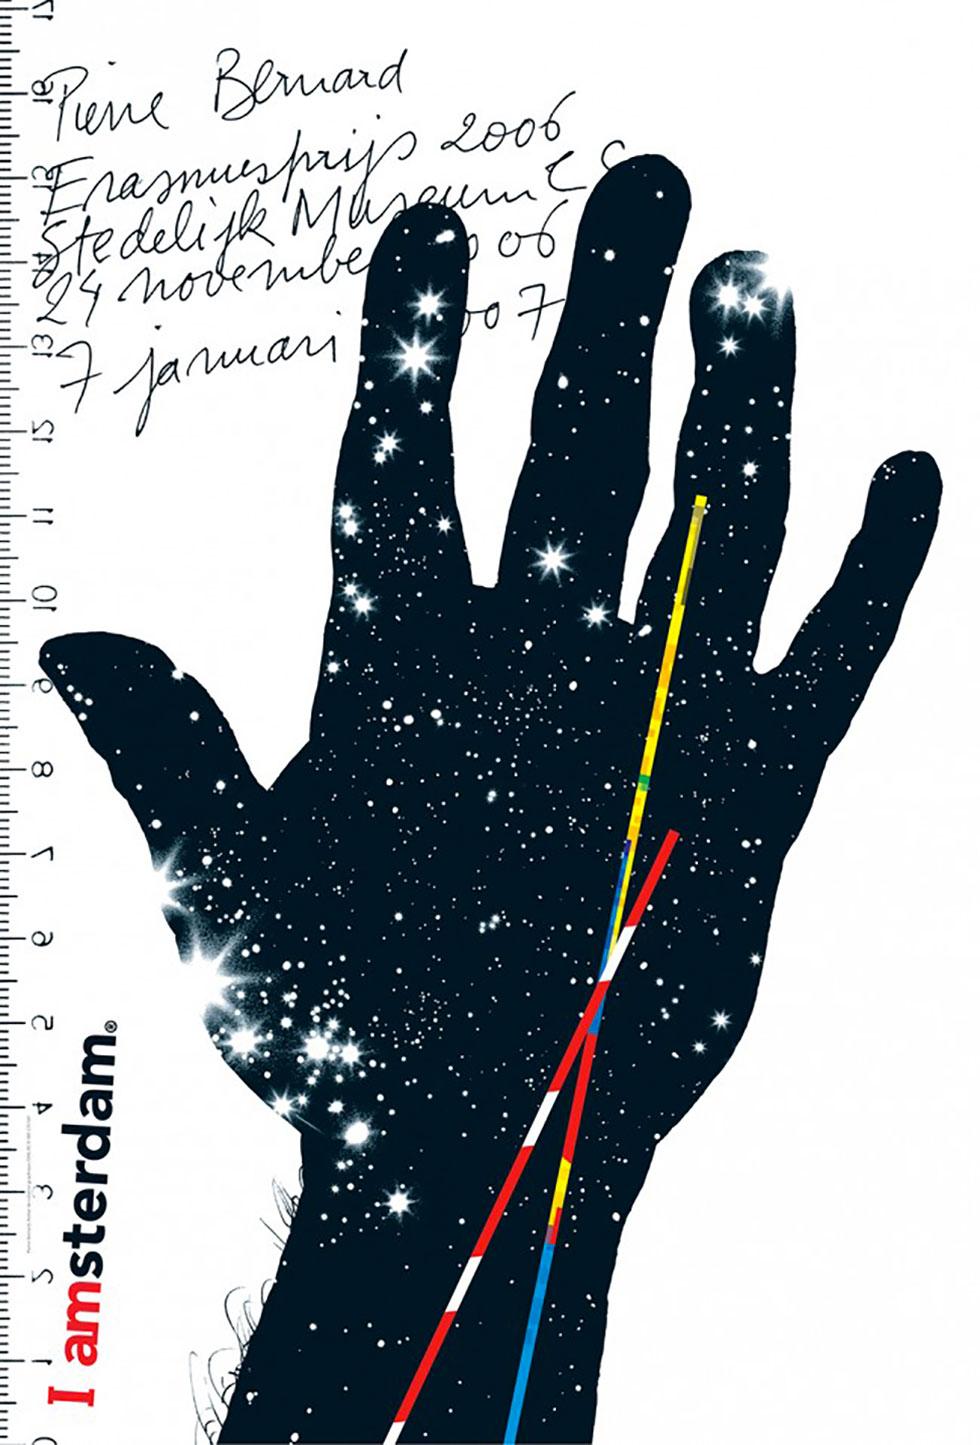 pierre-bernard-graphisme-affiche-prix-erasmus